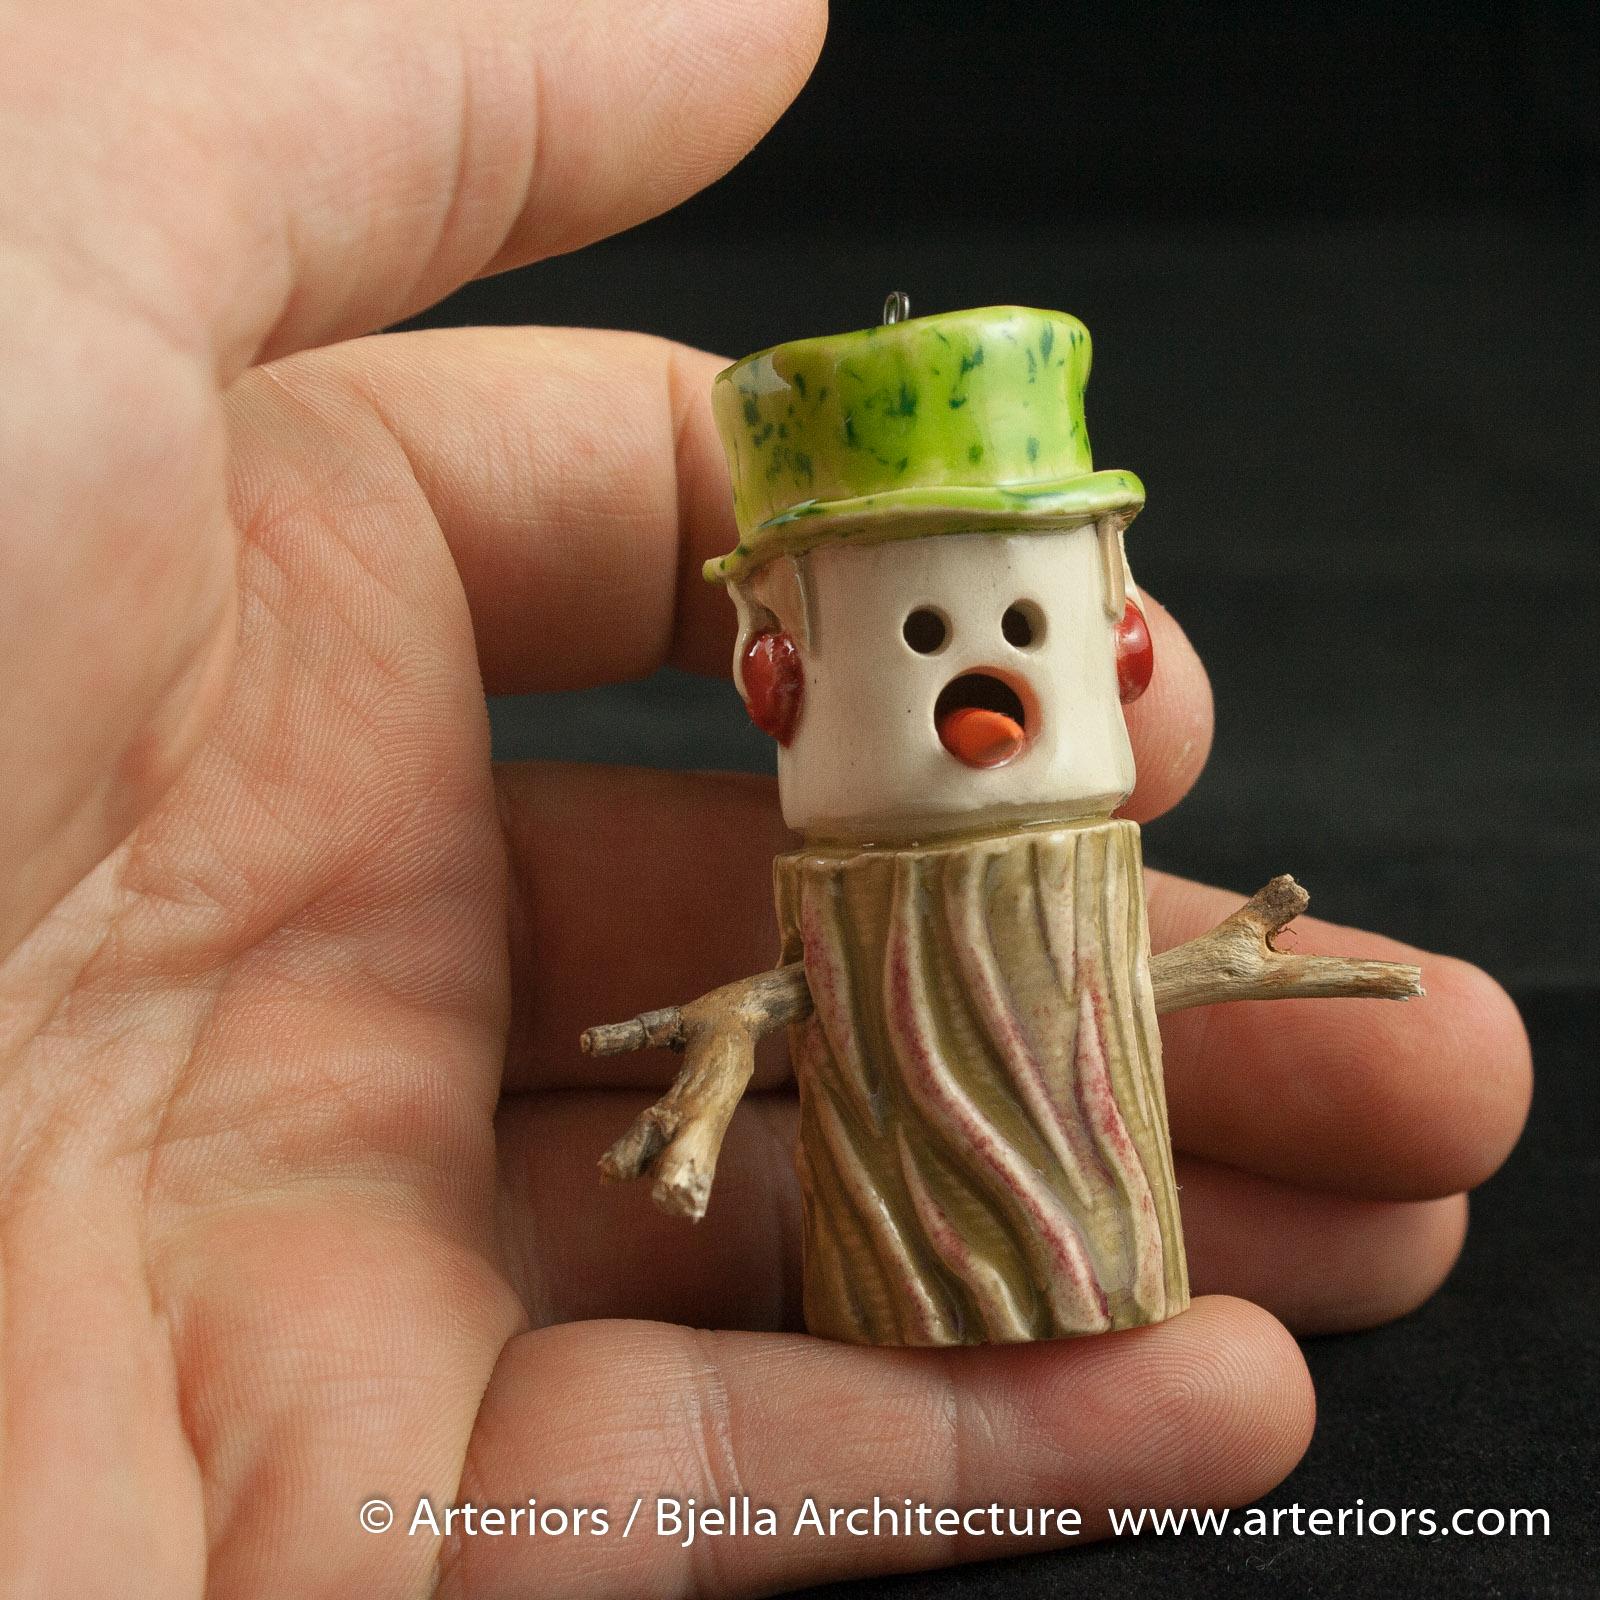 Bjella Snowman Ornament - Day 9 - Cutesy-31